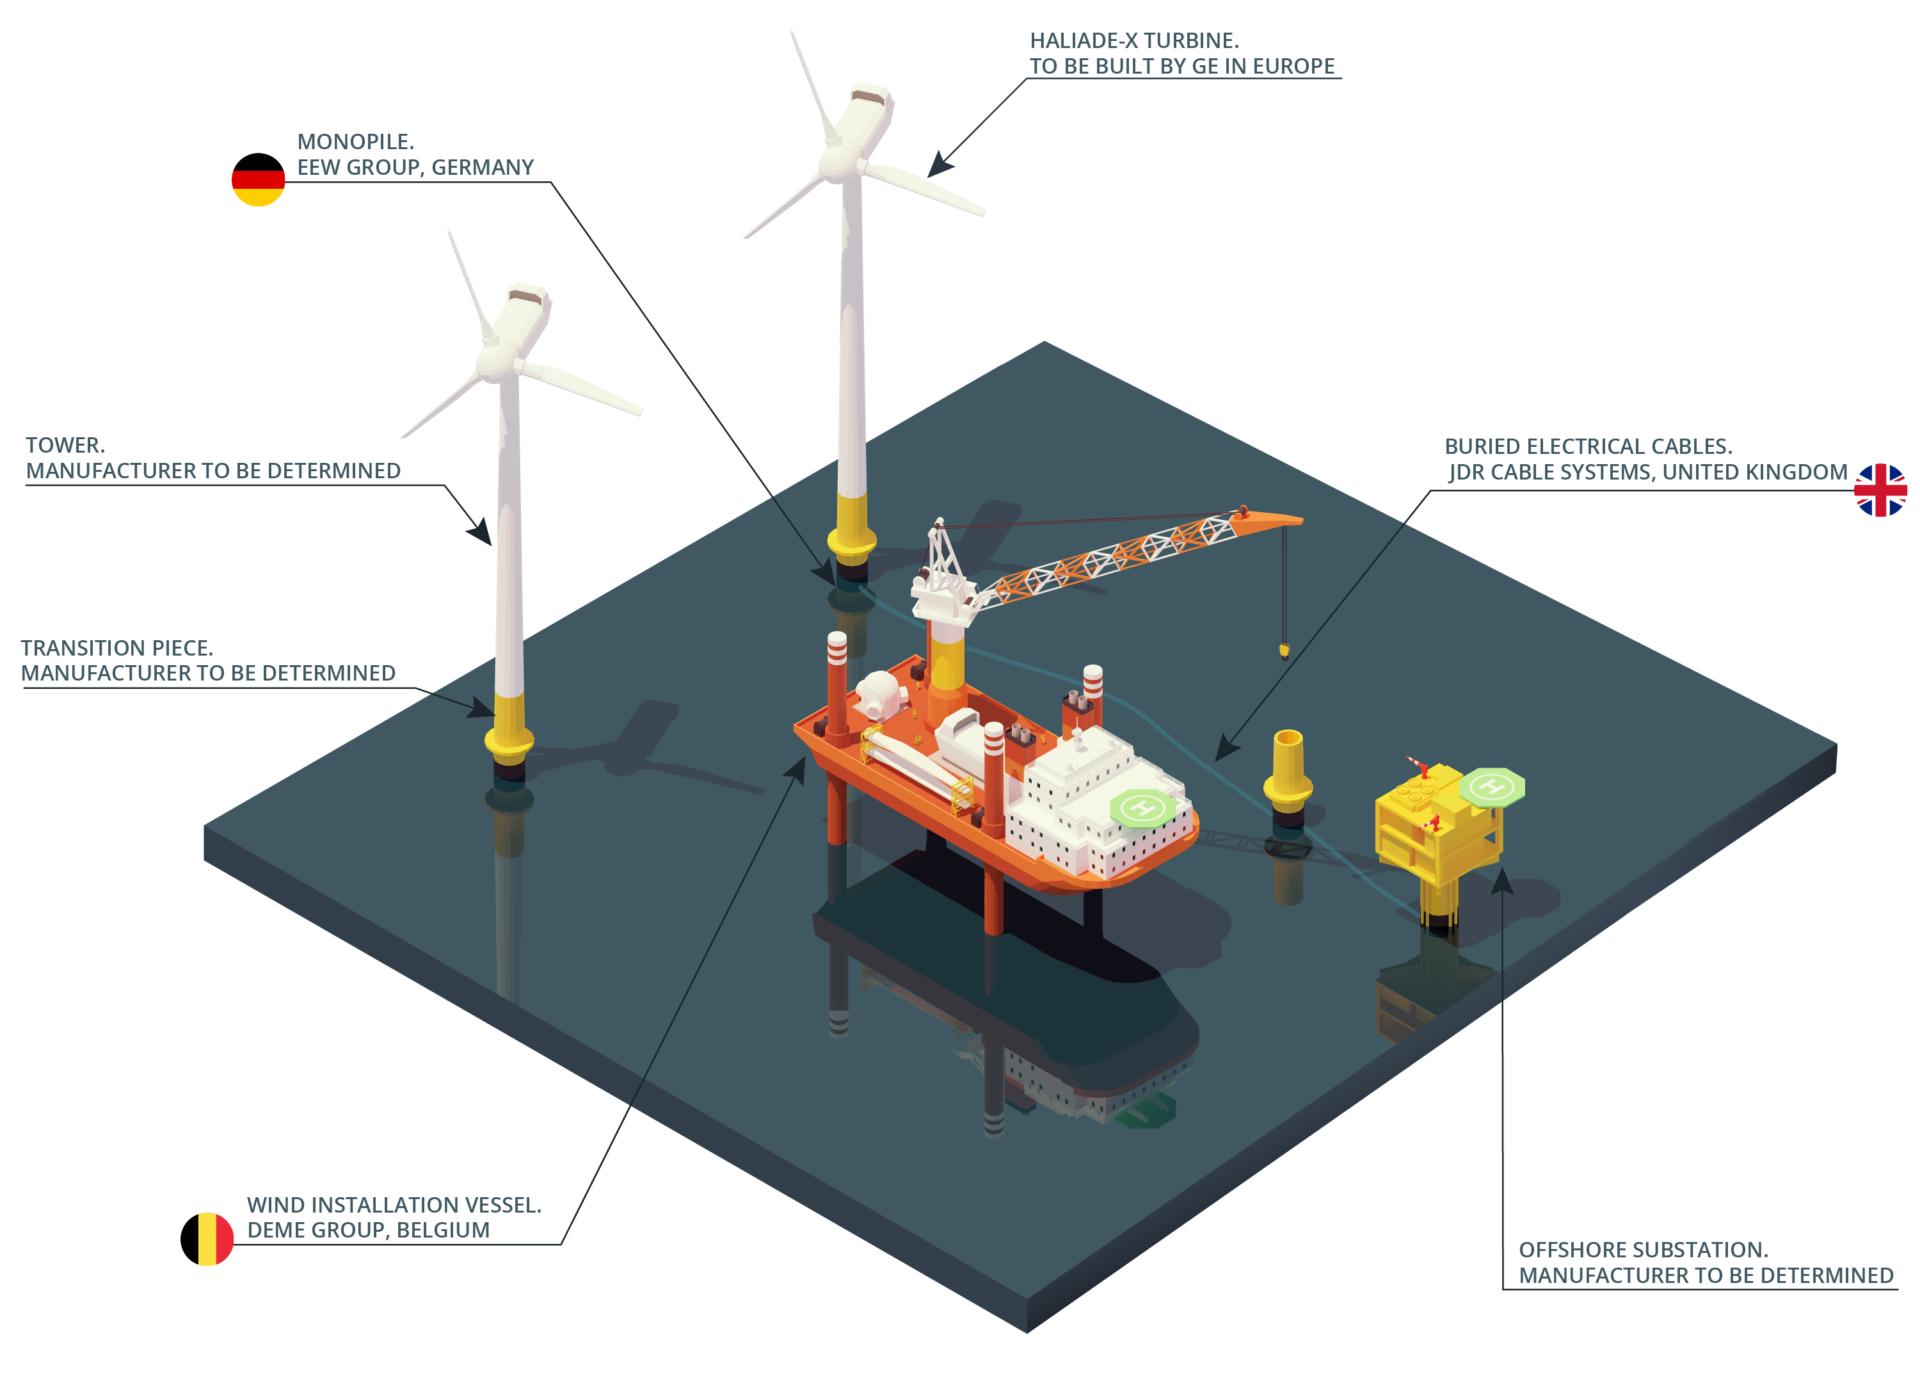 Claudine Hellmuth/E&E News (graphic); tarras79/iStock (diagram); Freepik (flags)